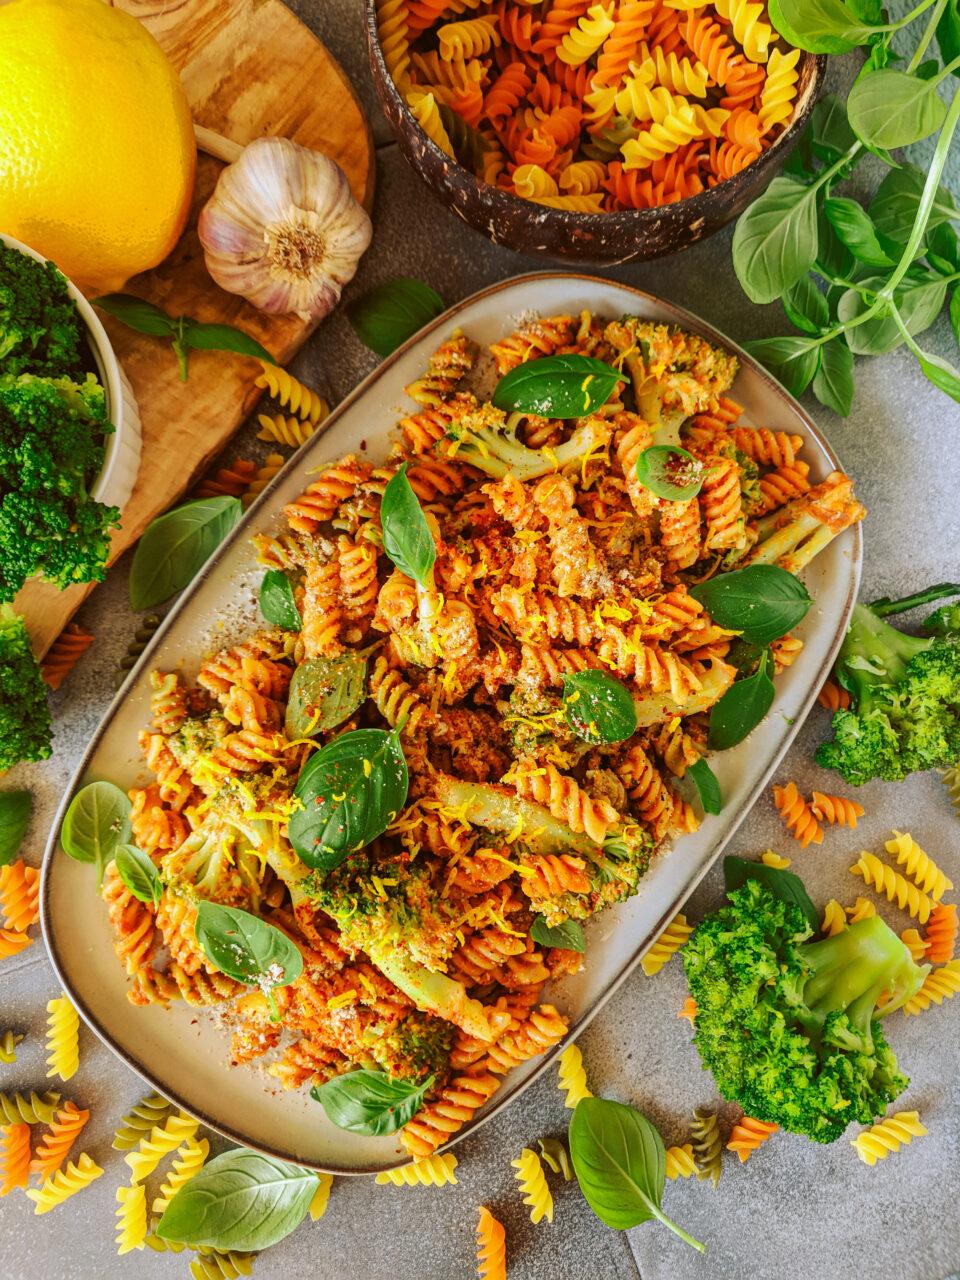 wegański obiad makaron meet without meat